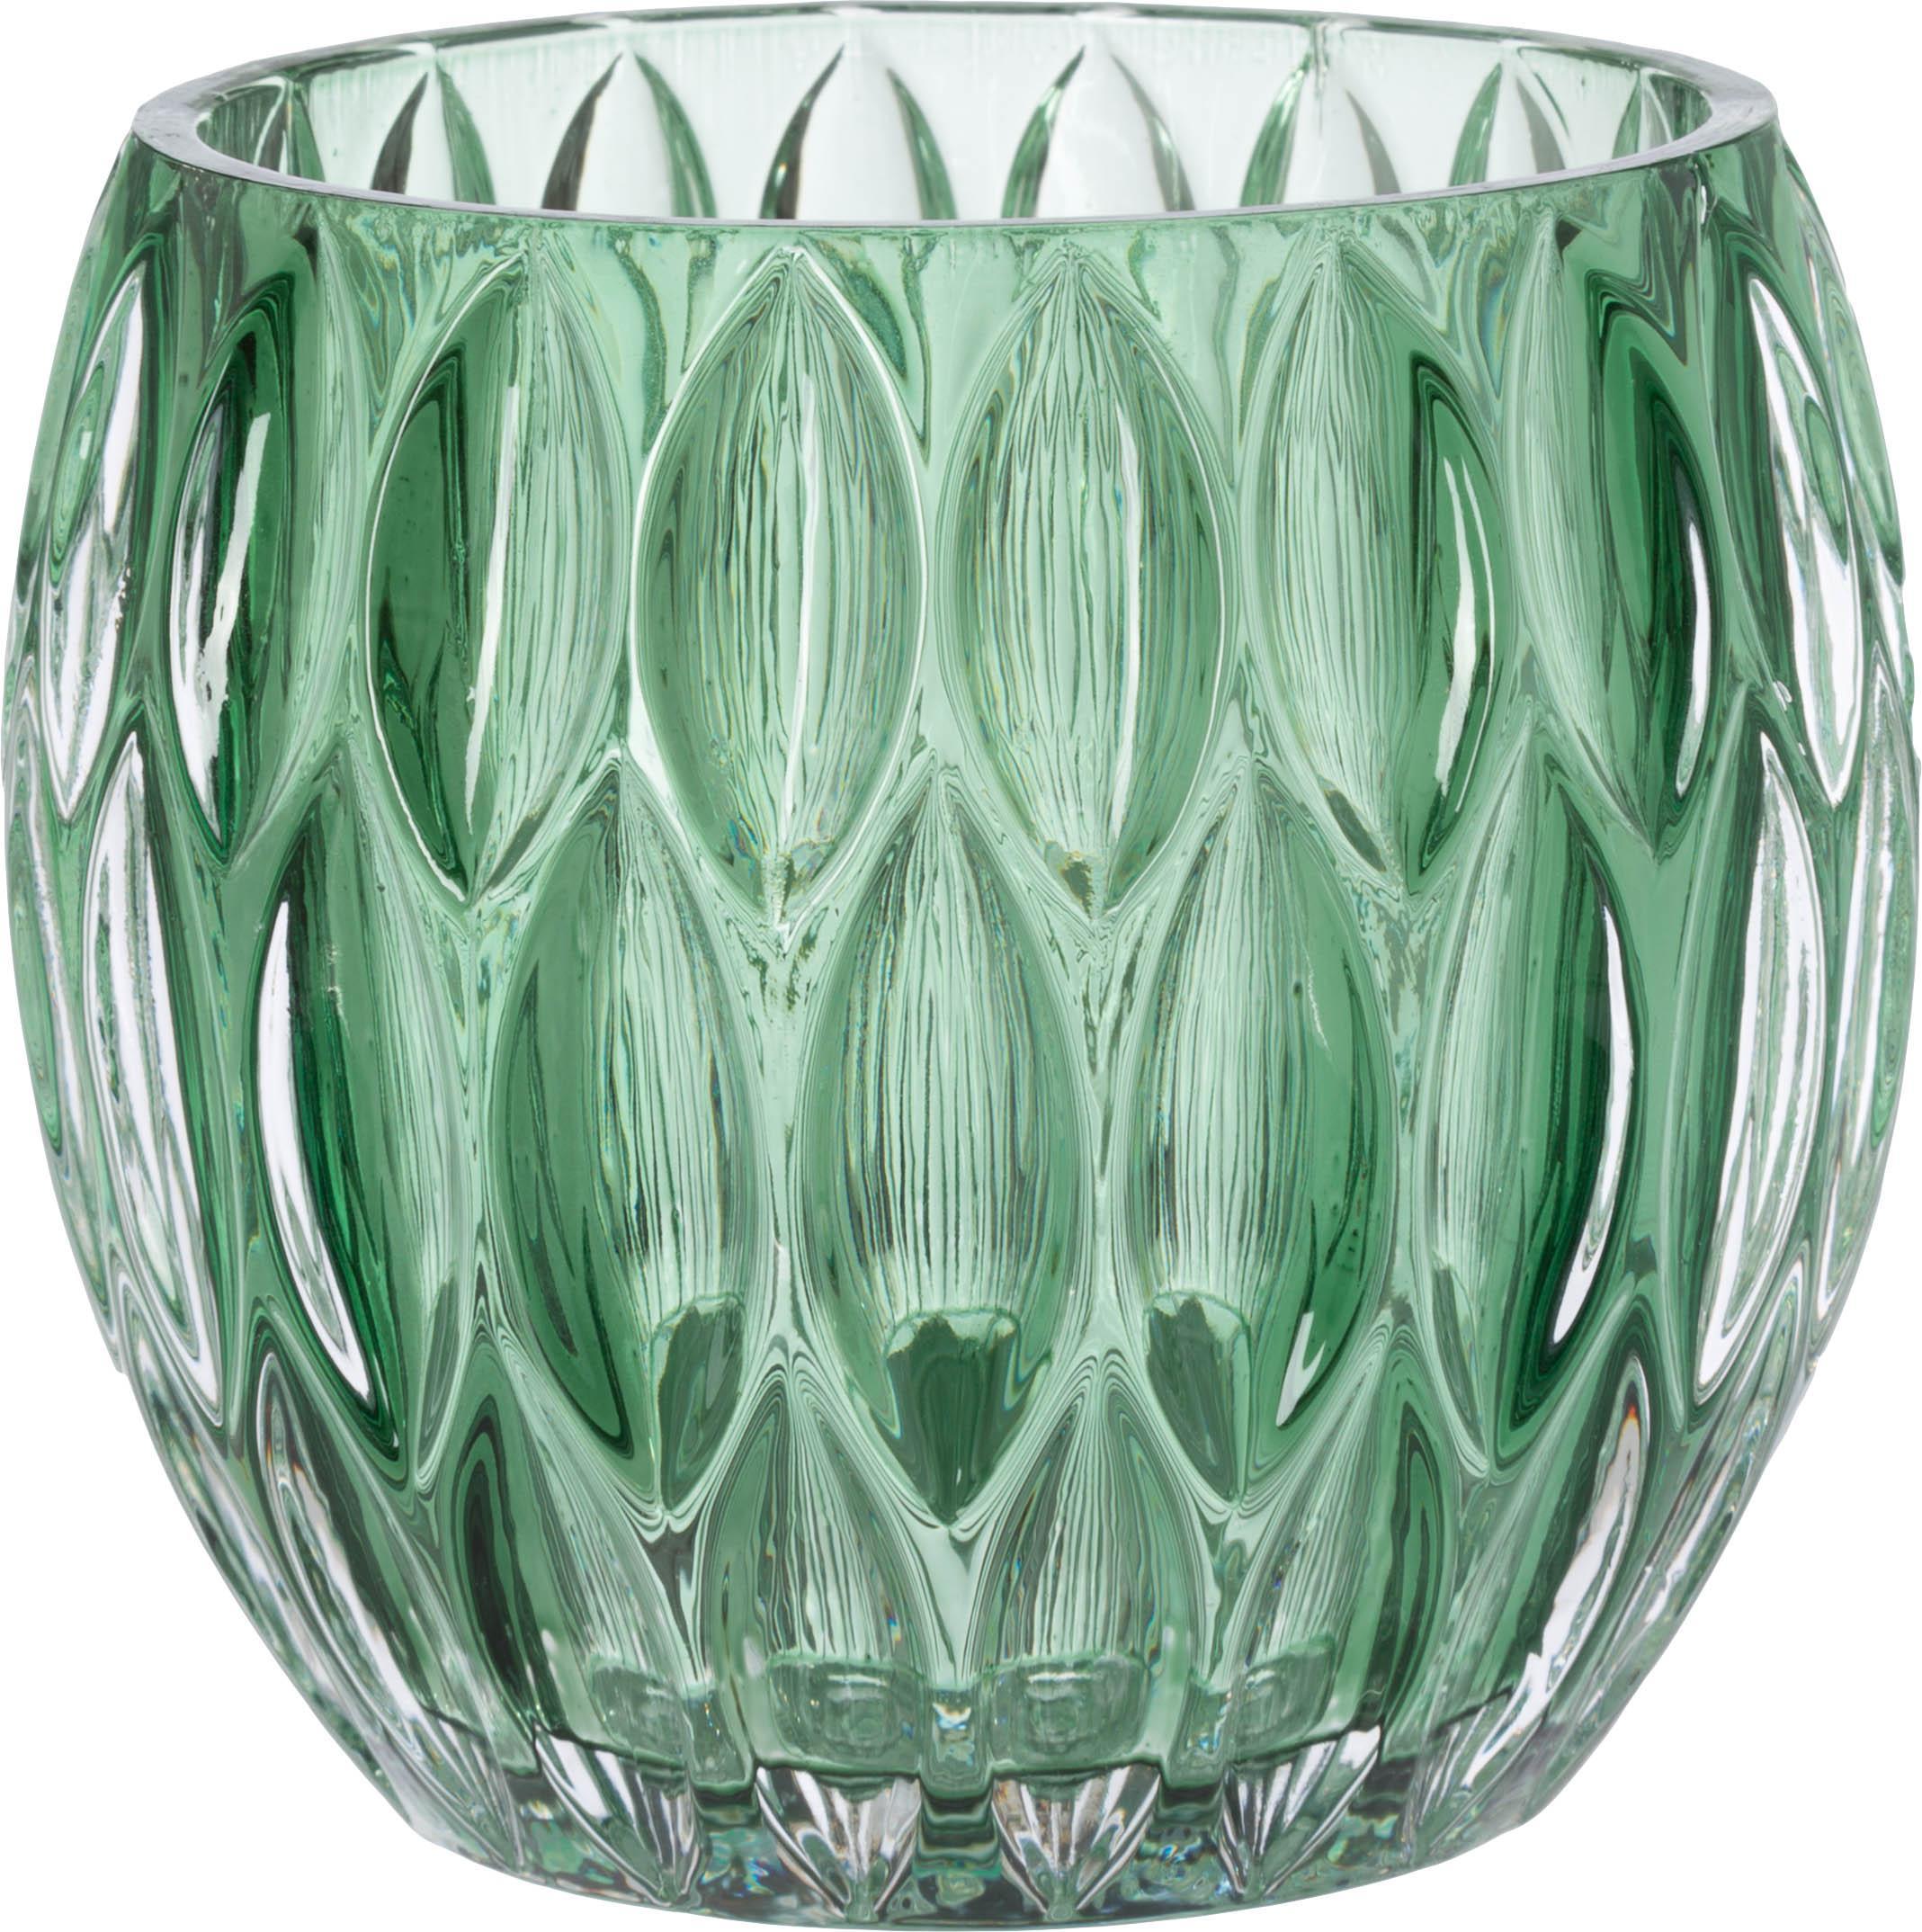 Set de portavelas Aliza, 3pzas., Vidrio, Tonos verdes, transparente, Ø 10 x Al 9 cm